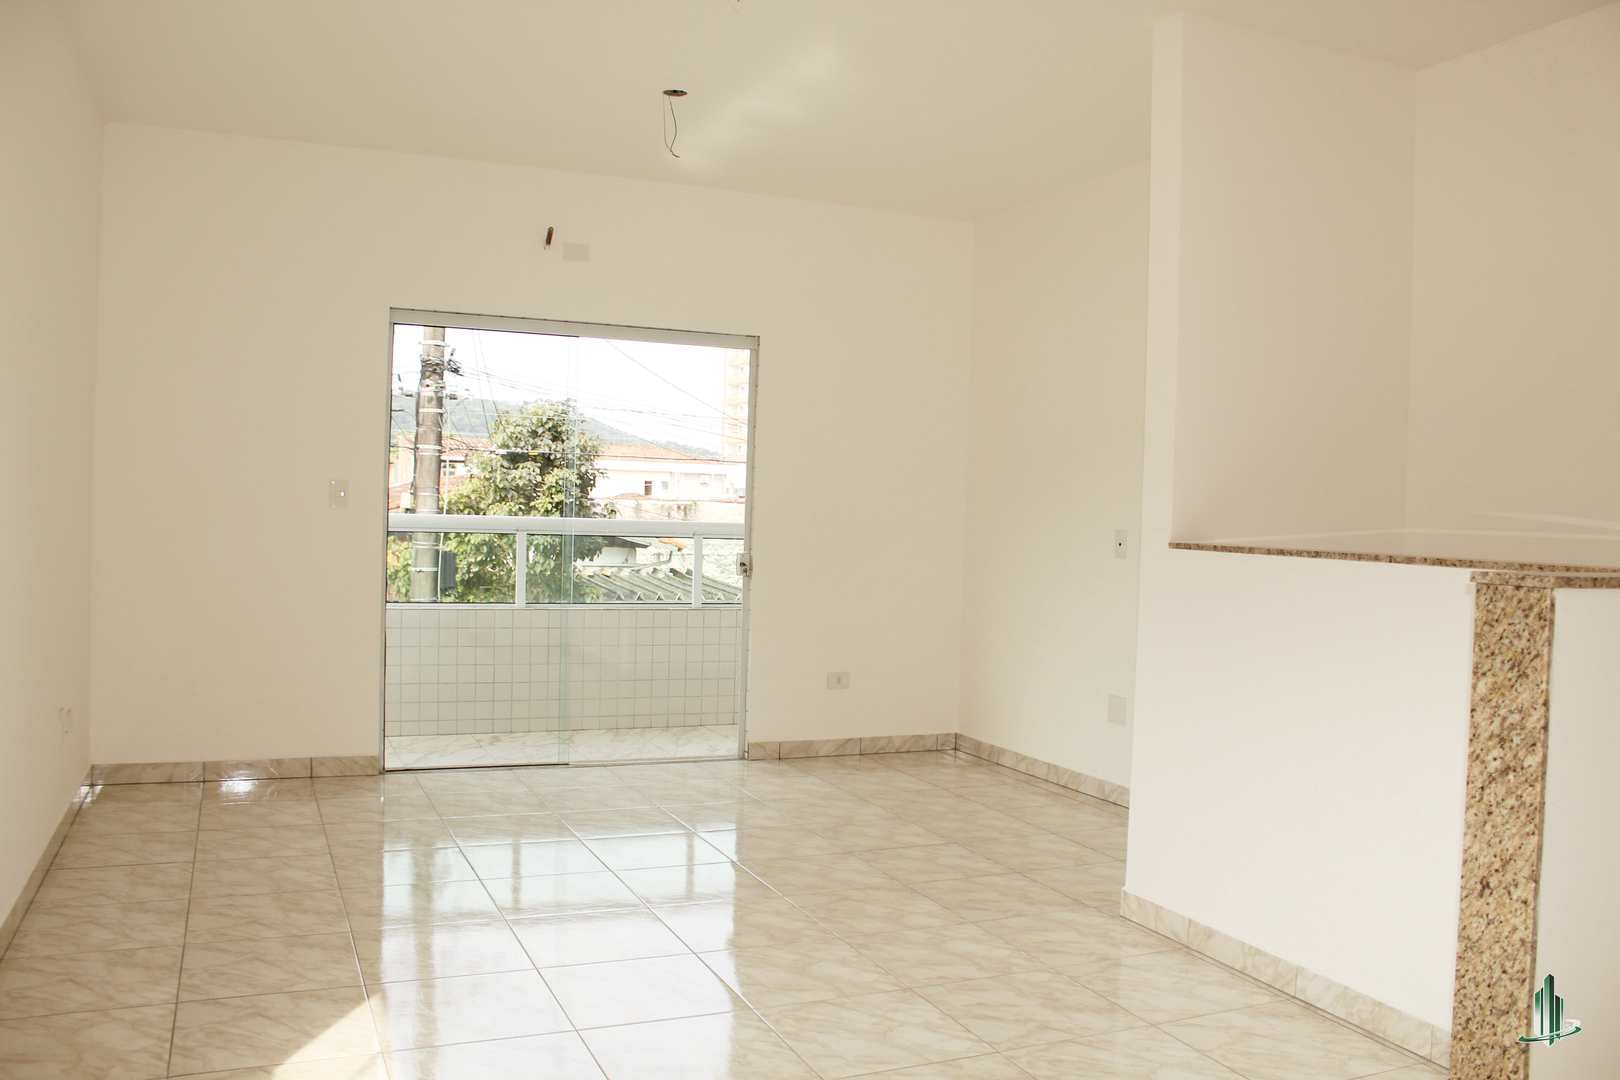 Casa de Condomínio com 2 dorms, Canto do Forte, Praia Grande - R$ 340 mil, Cod: CA1230